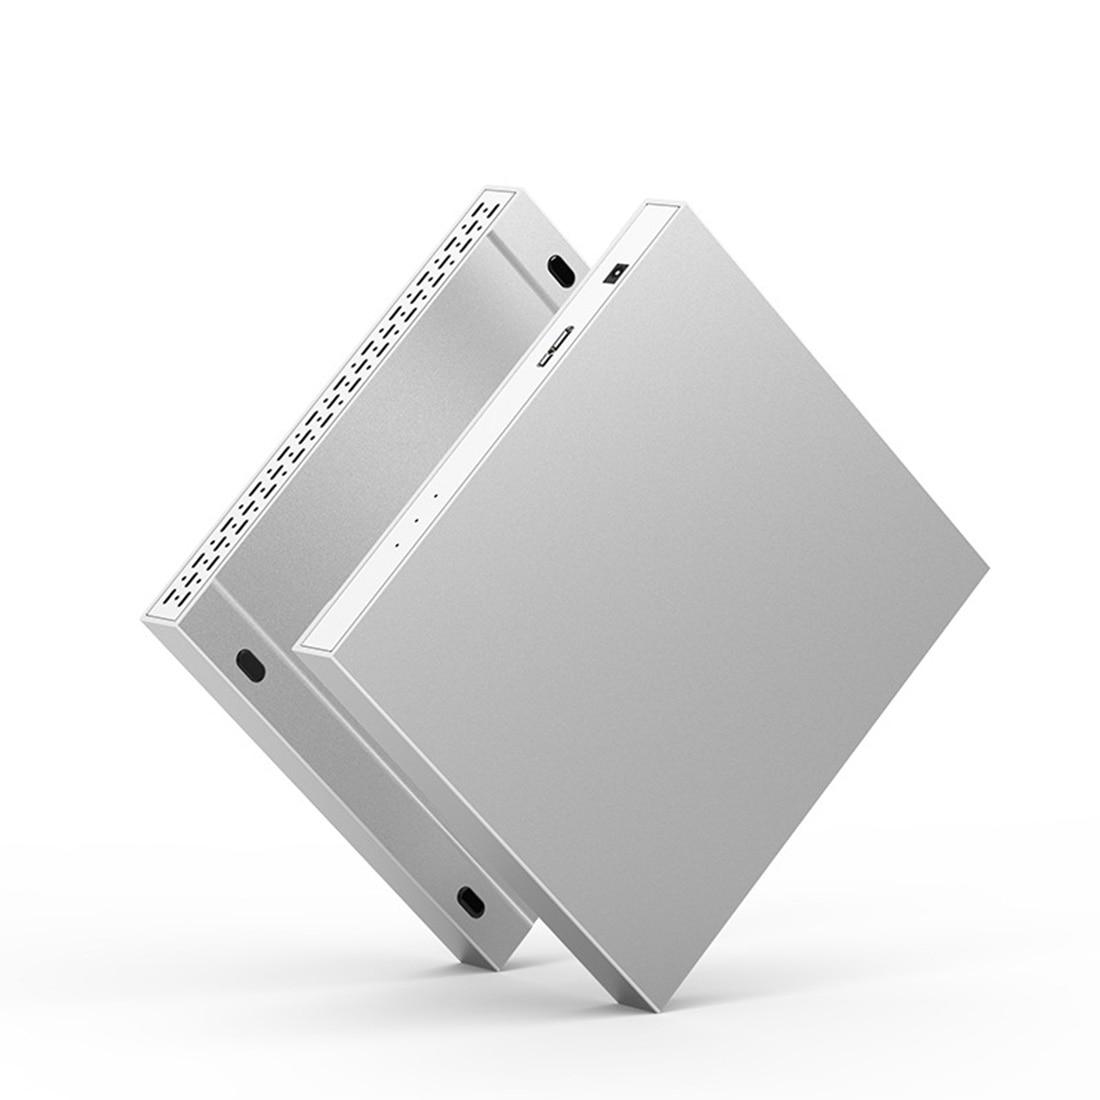 O cerco externo de hdd 2 baía 2.5 polegadas 10 gbps usb 3.0/tipo c raid 4 modos para windows mac linux 20 tb sata disco rígido caixa da disposição